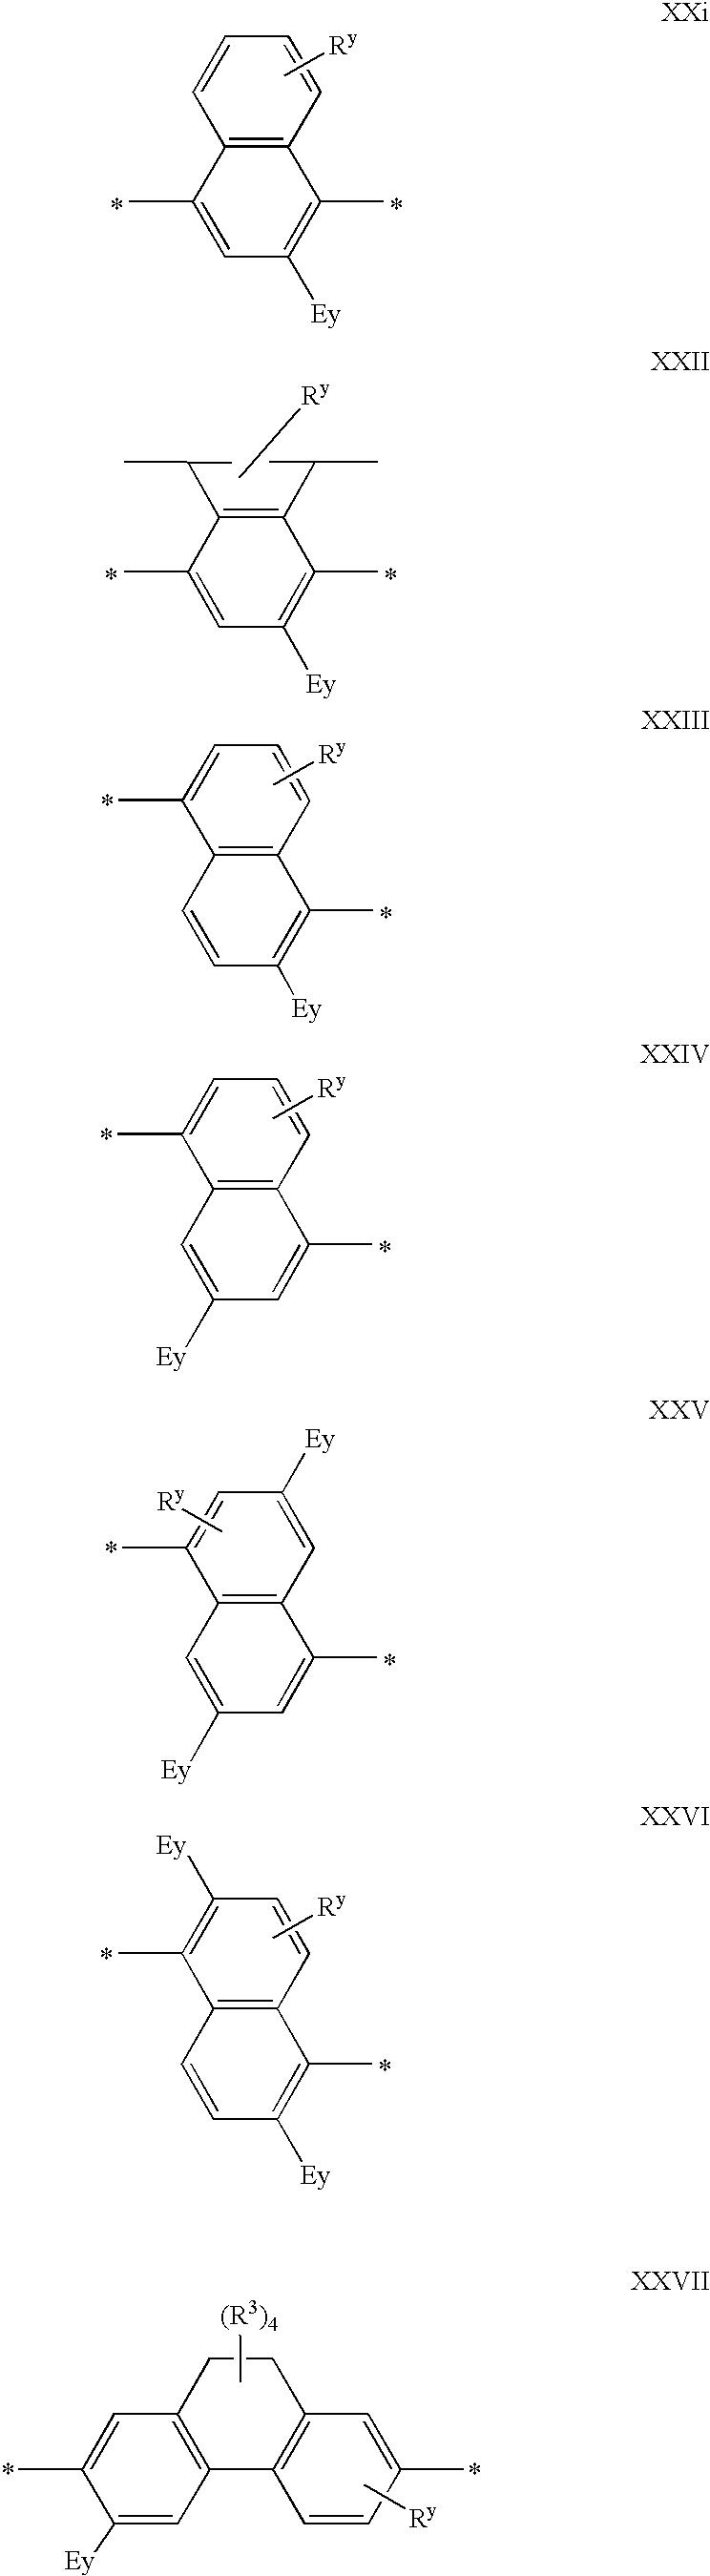 Figure US20040062930A1-20040401-C00078